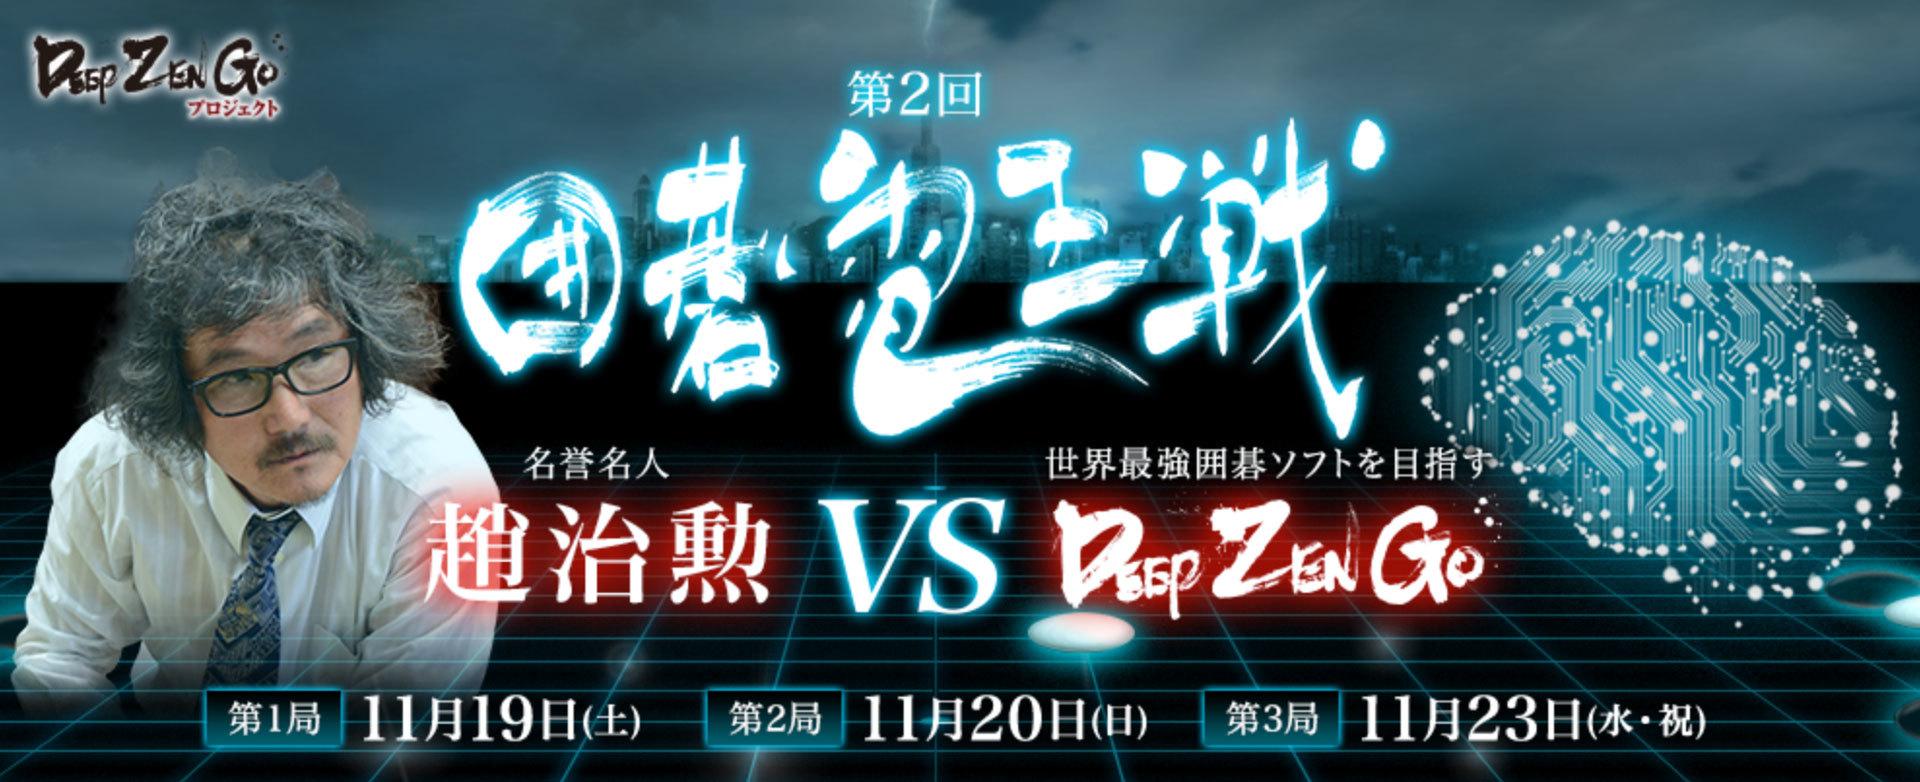 Тё Тикун и Deep Zen Go: ещё одна попытка превзойти человека в го - 1